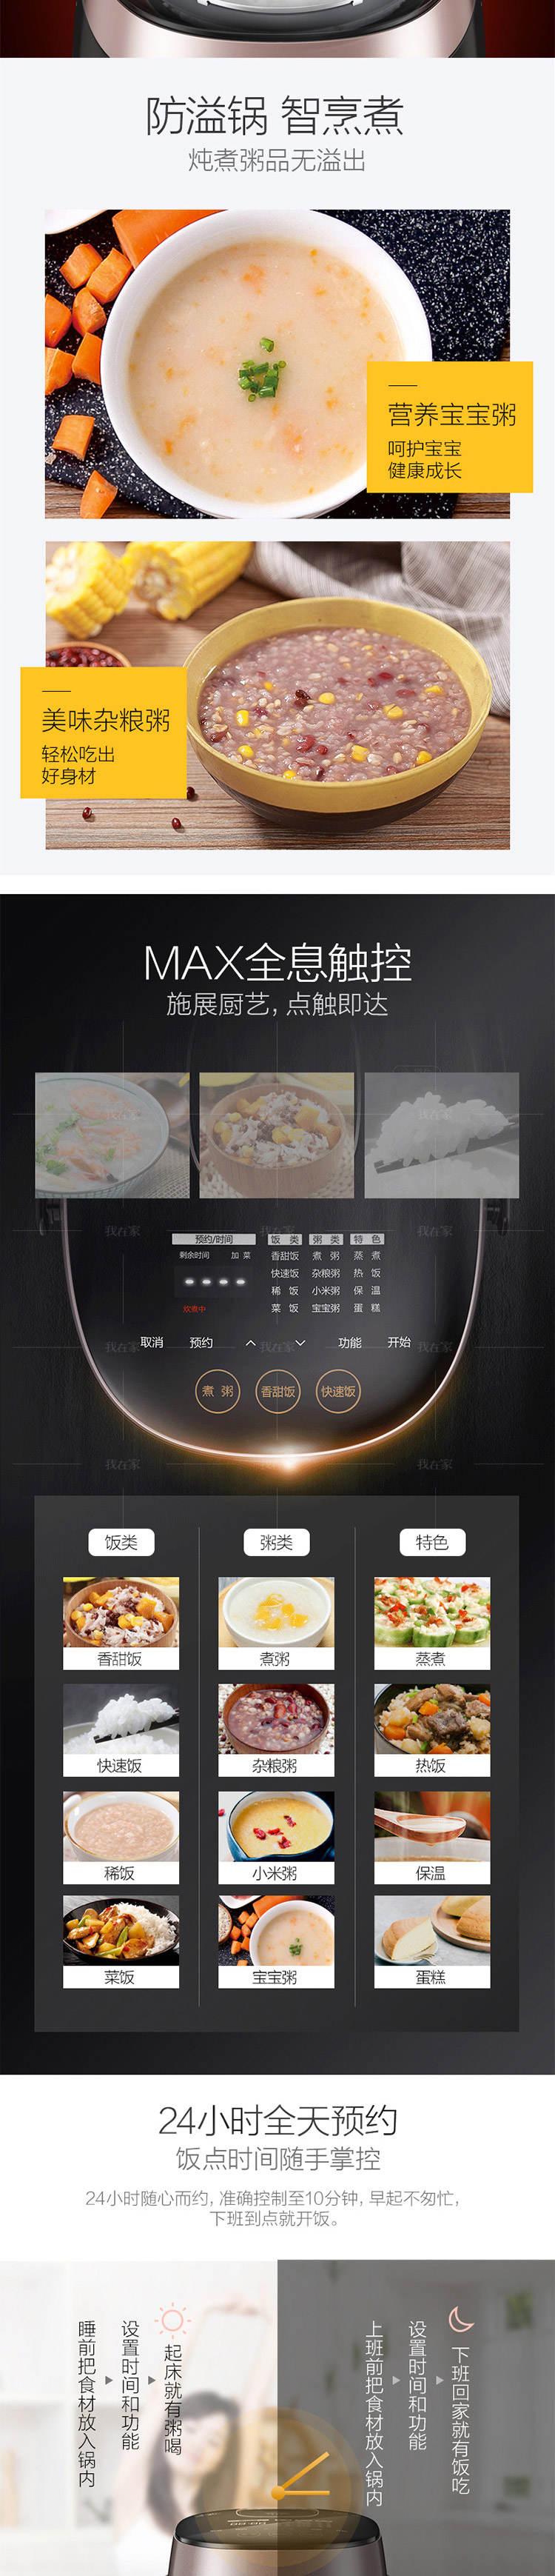 美的系列美的迷你全息触控电饭煲的详细介绍